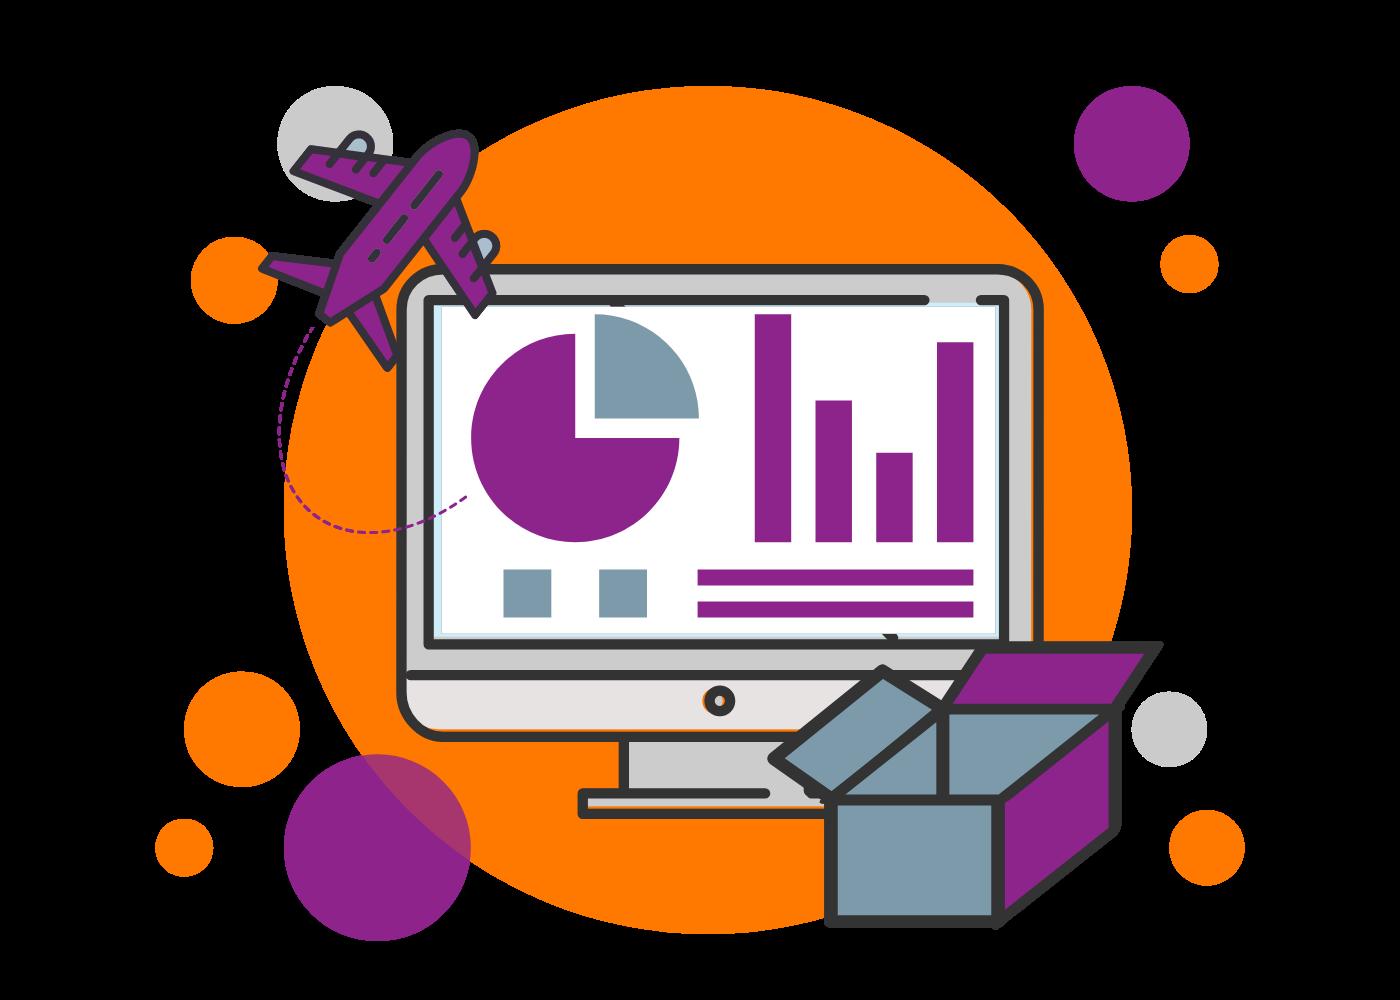 digitale Supply Chain Management Software für sichere Lieferkette OSCA Logistics